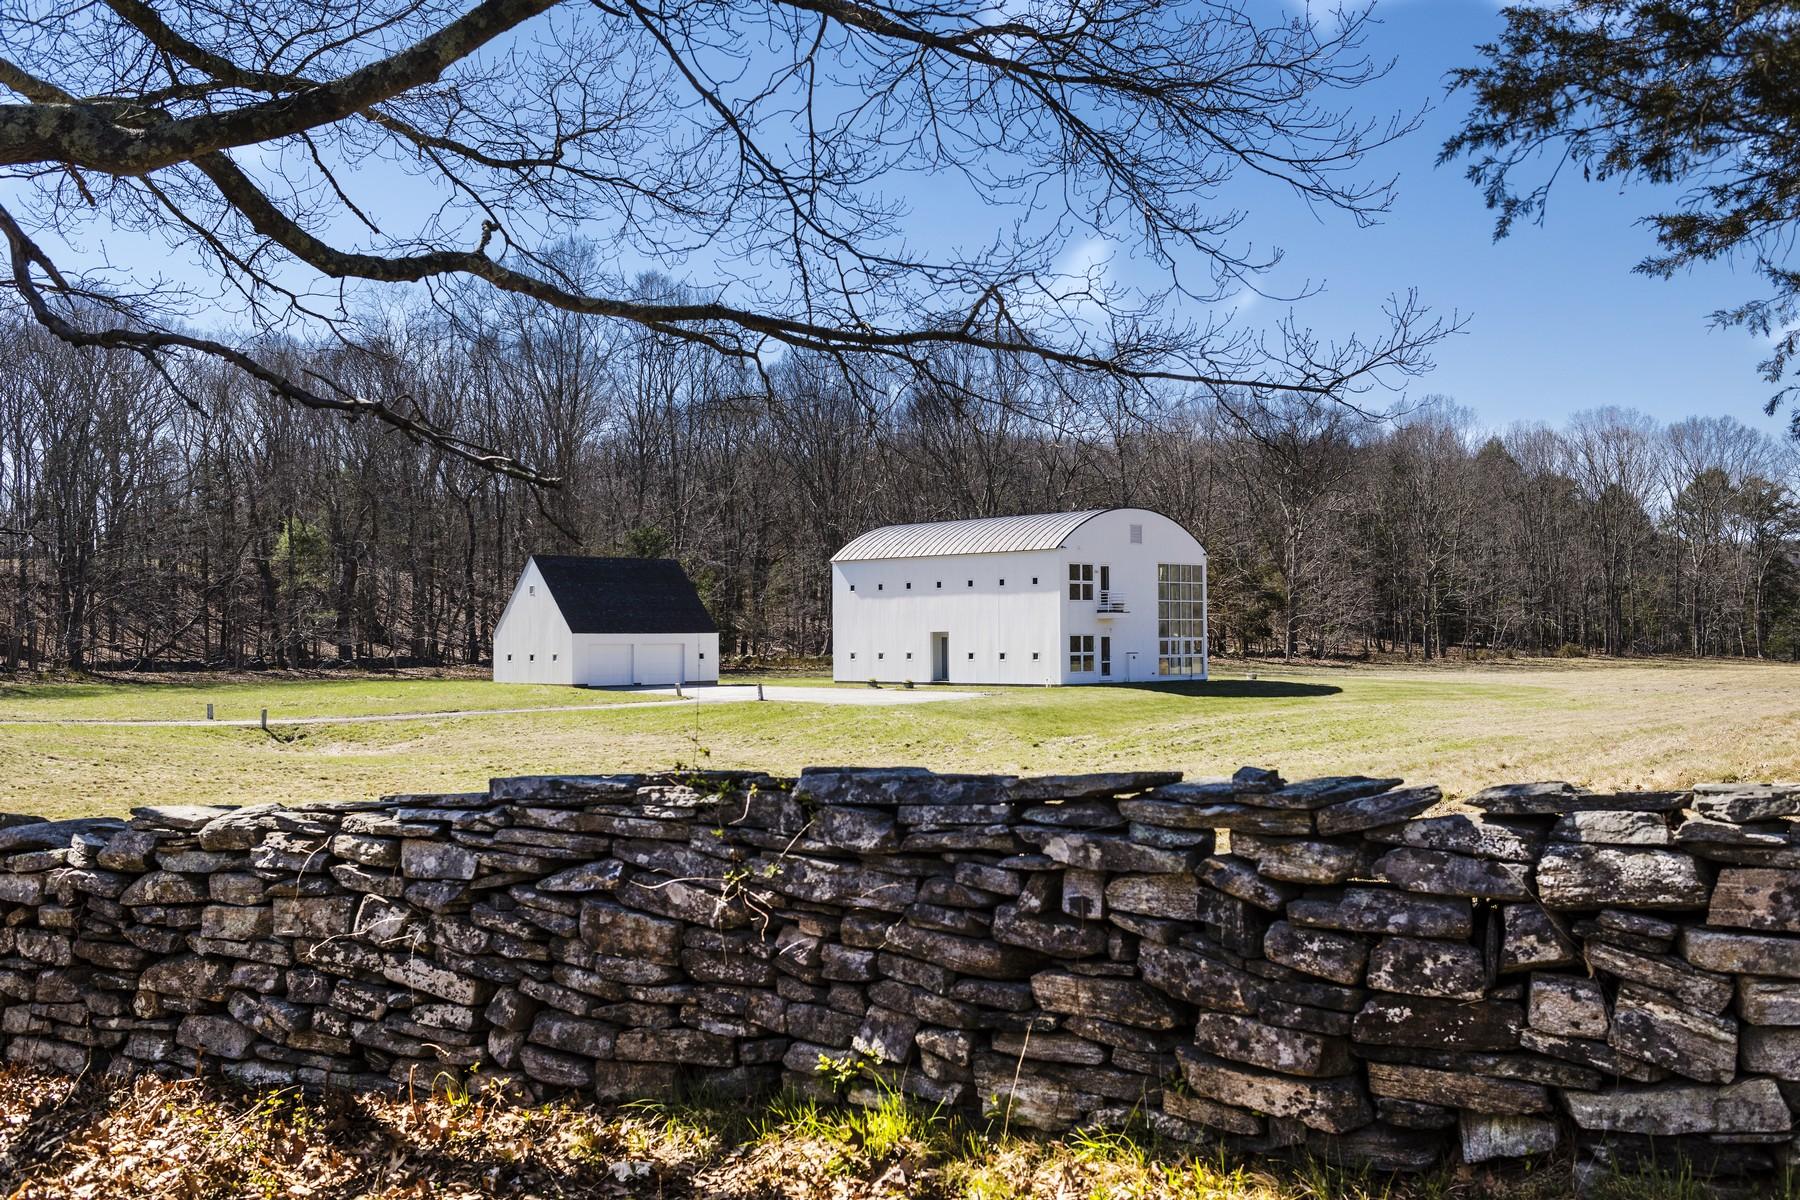 独户住宅 为 销售 在 Eleven acres of lush meadow surround the architecturally stunning, white barnlik 15 Selden Rd & 0 Selden Rd 莱姆, 康涅狄格州, 06371 美国